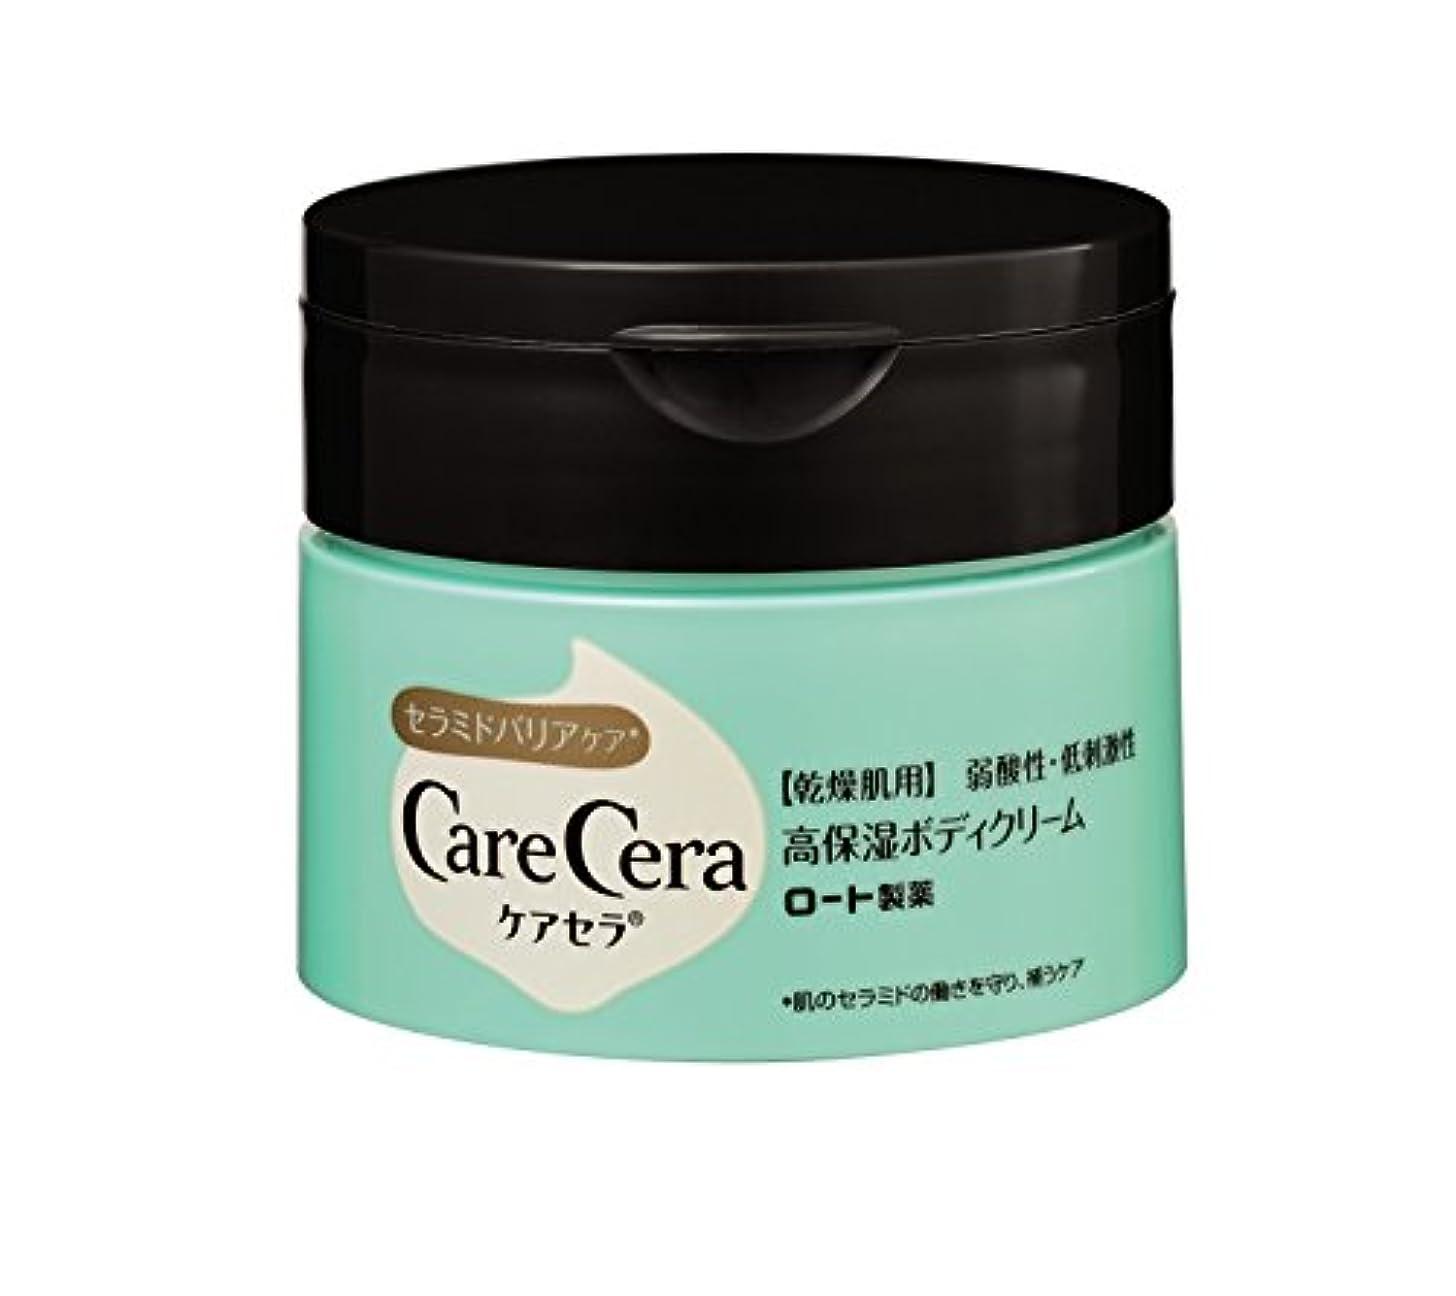 びっくりホテル子羊CareCera(ケアセラ) 高保湿 ボディクリーム 100g